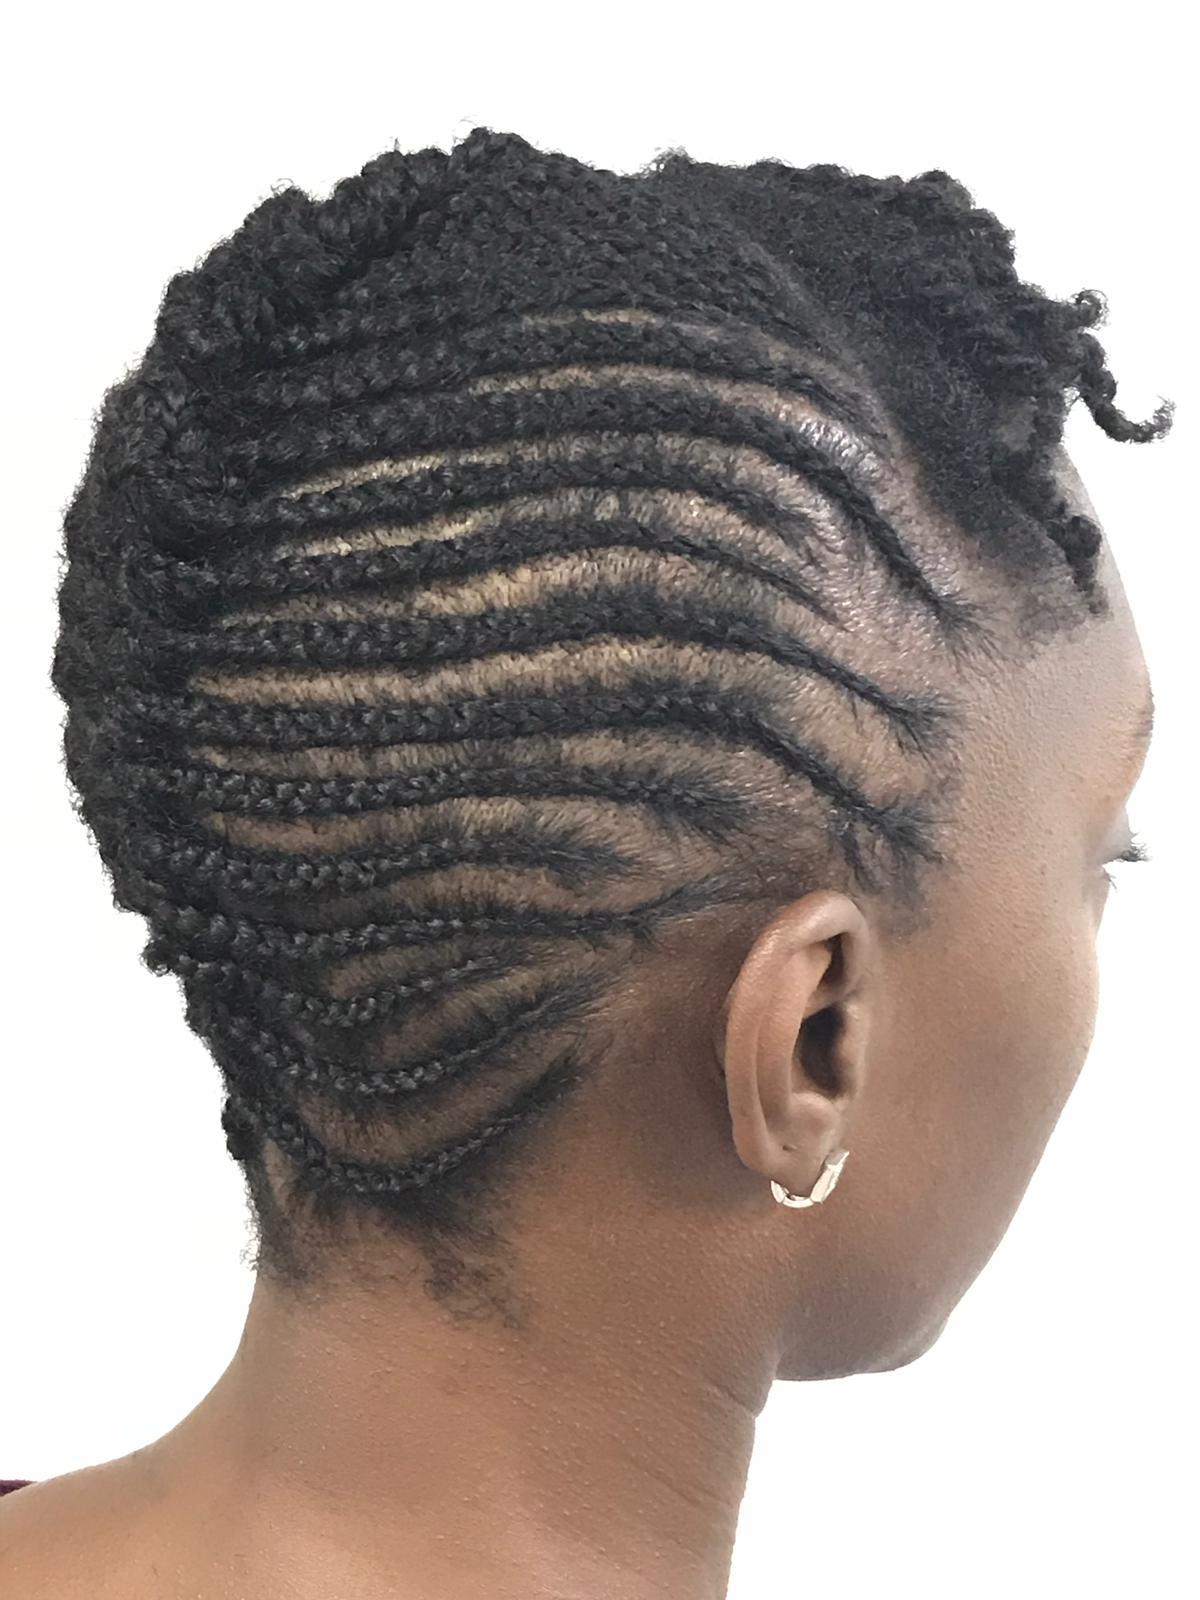 salon de coiffure afro tresse tresses box braids crochet braids vanilles tissages paris 75 77 78 91 92 93 94 95 YKNQKHCL